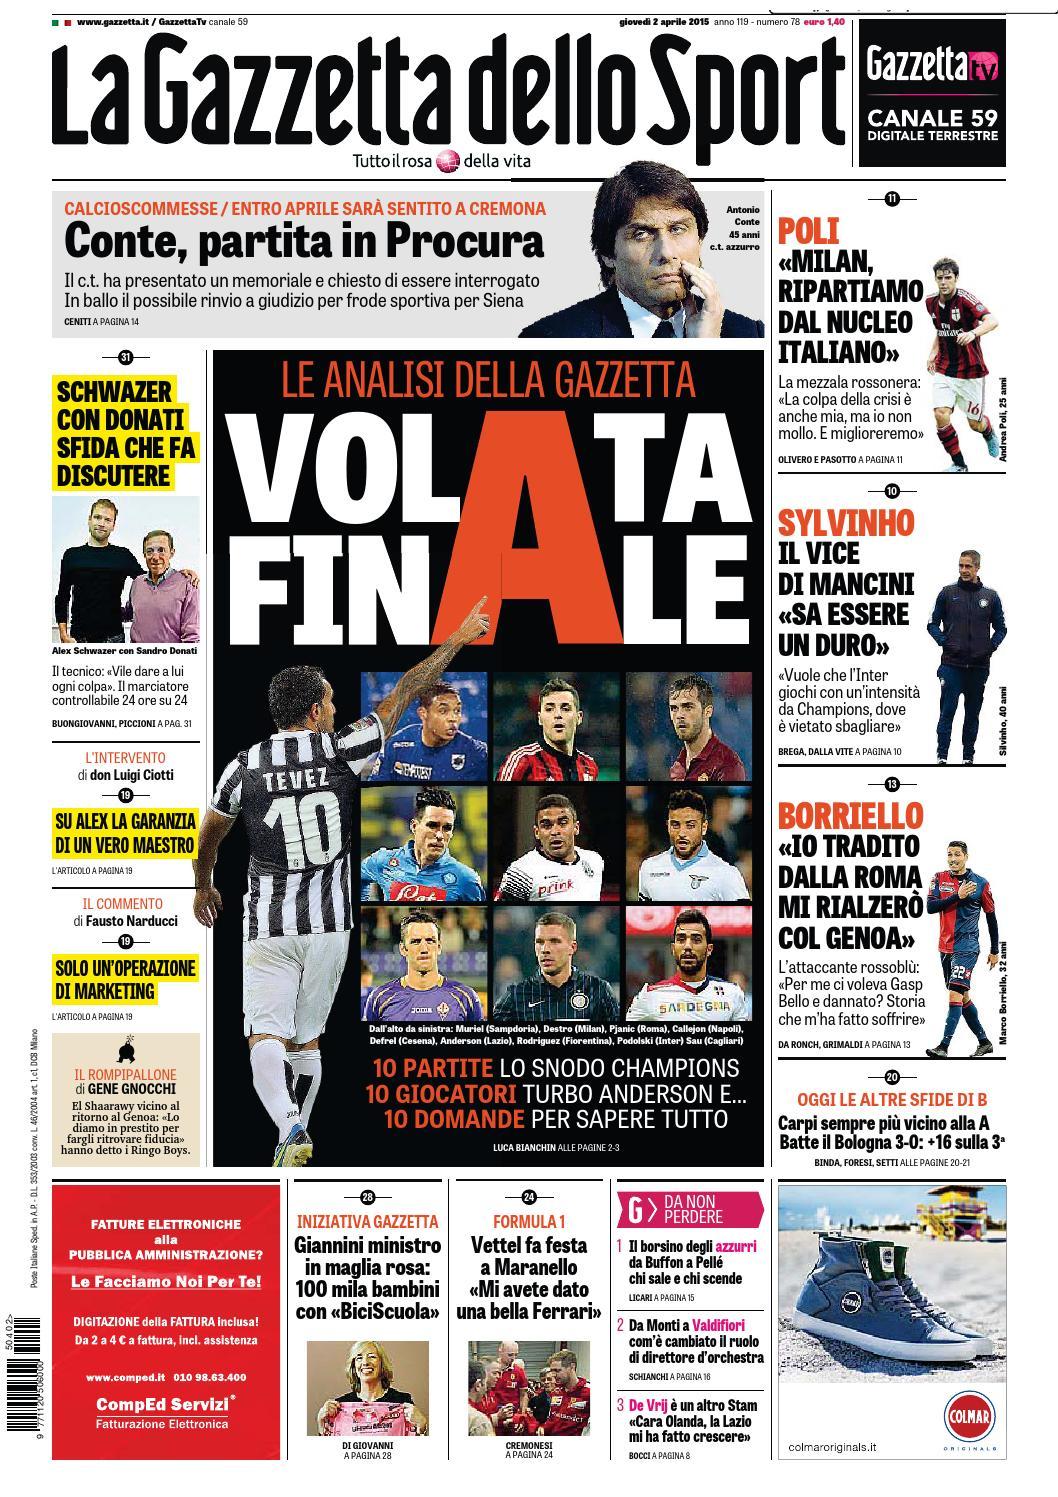 La Gazzetta dello Sport (04-02-2015) by Nguyen Duc Thinh - issuu 3209b5dc18b